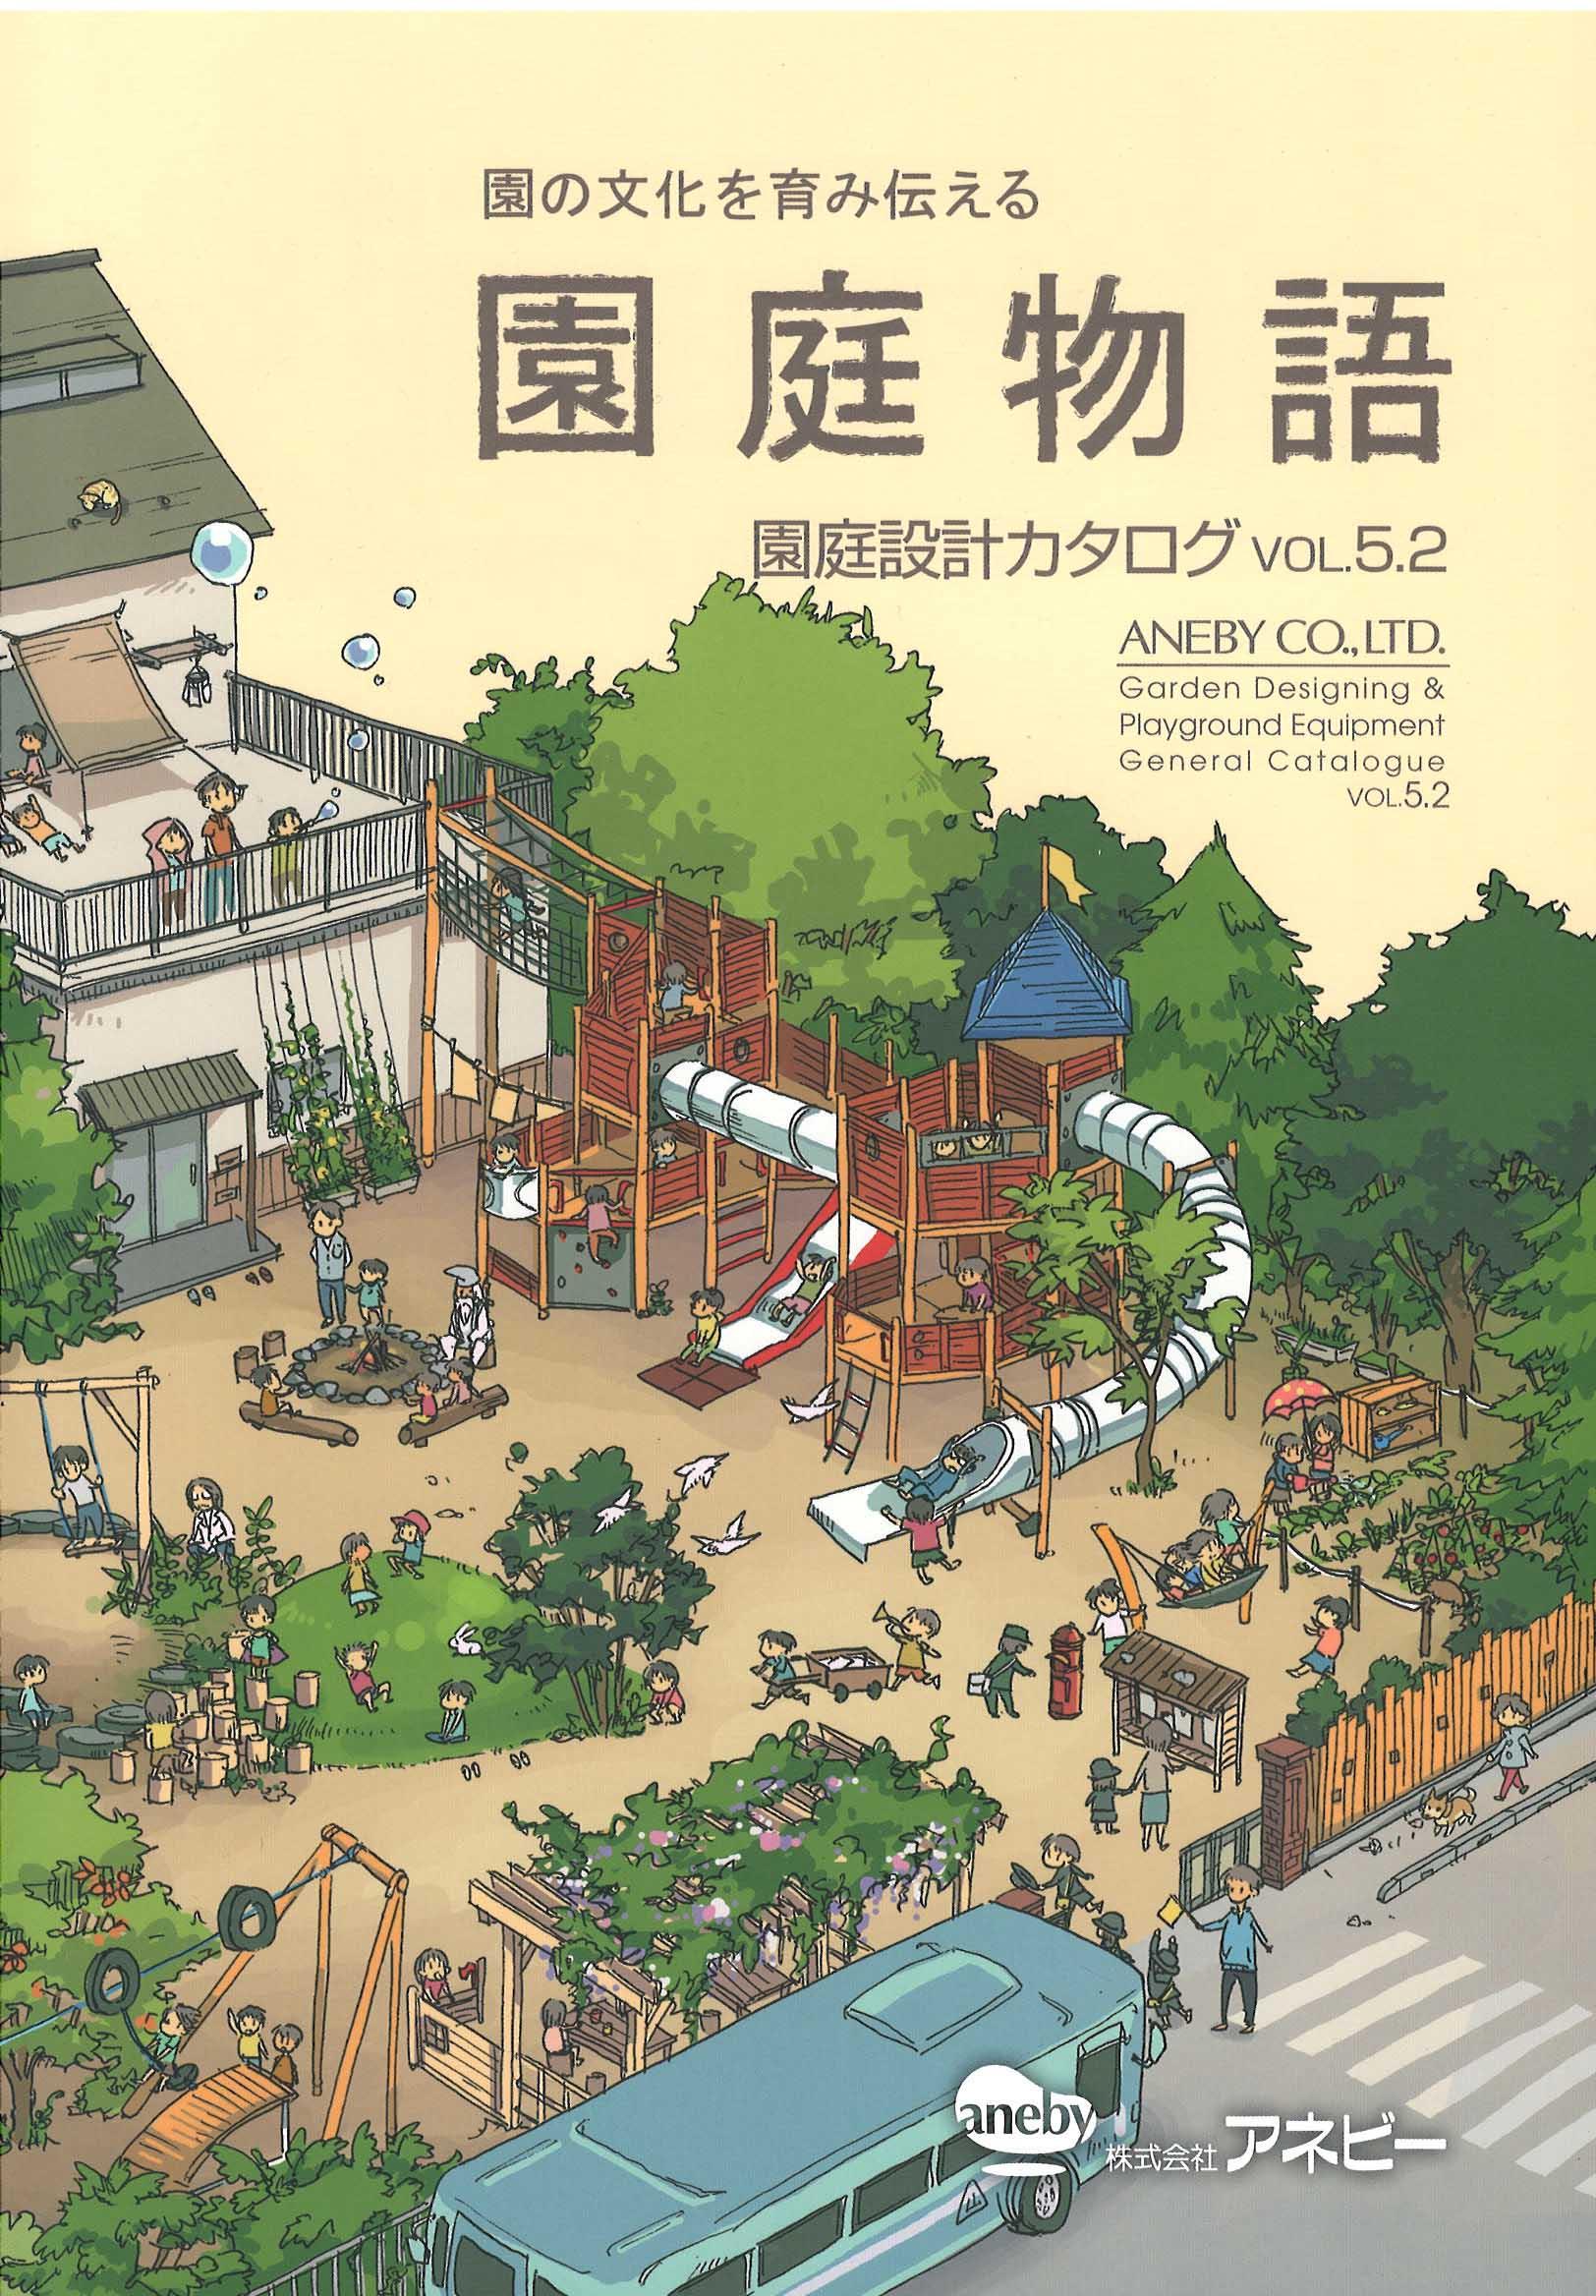 """""""園庭設計カタログ「園庭物語」vol.5.2の画像"""""""